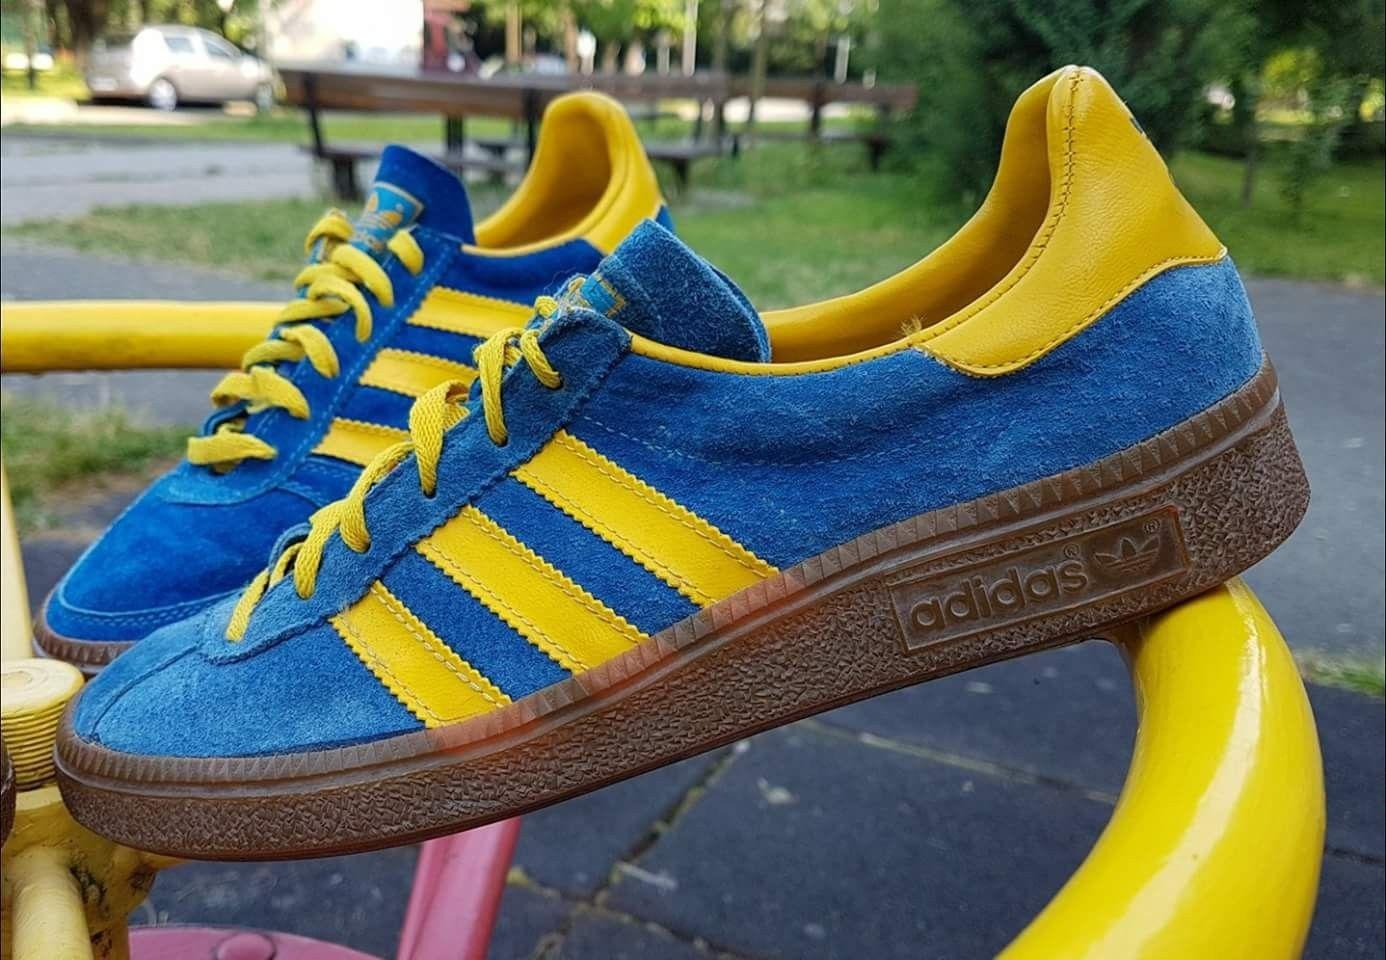 nueva temporada nuevas imágenes de la mejor calidad para Vintage Austrian made Baltic Cup from 70's... | Vintage sneakers ...